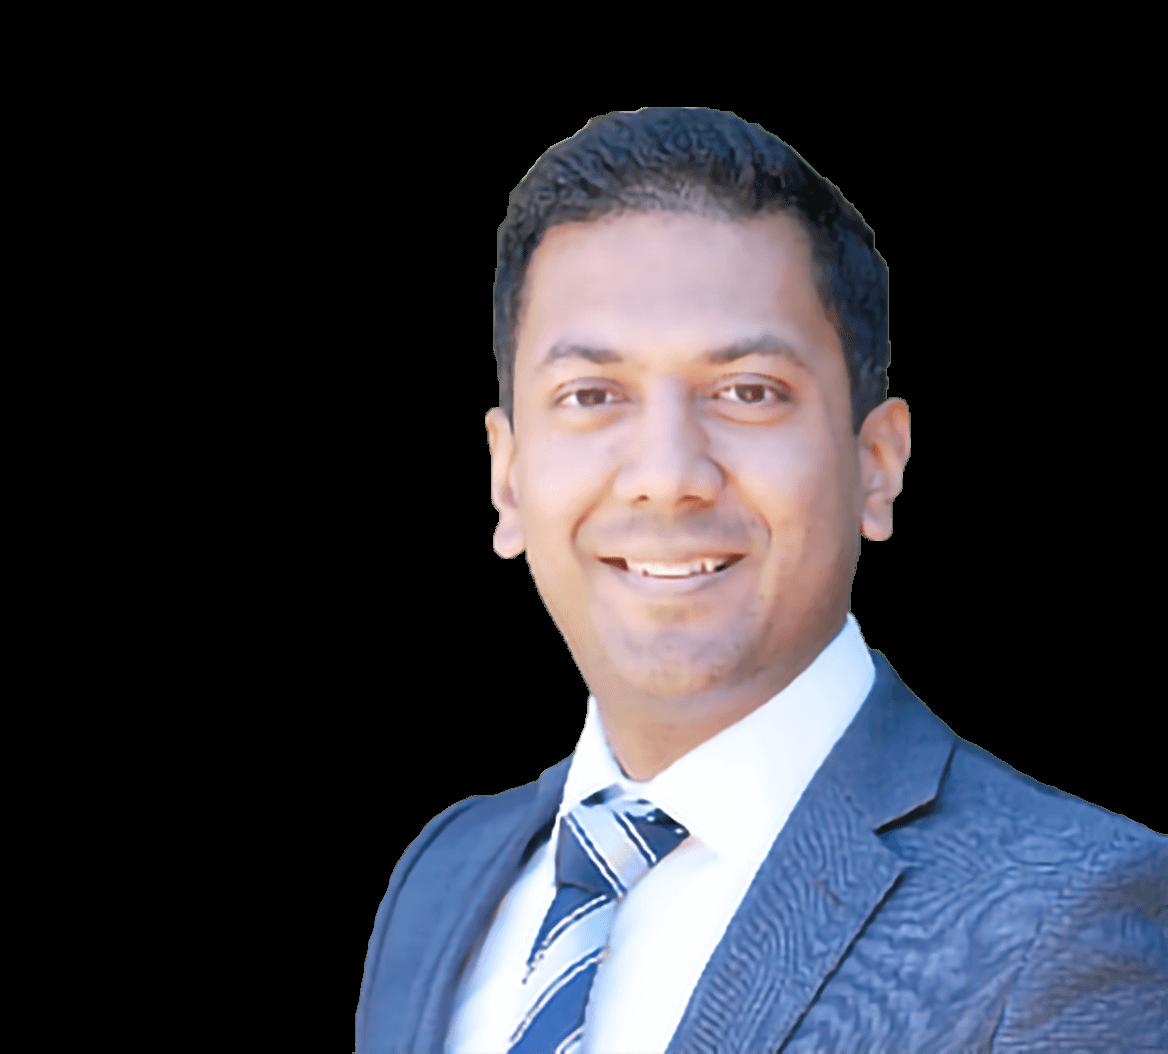 Dr Rajat Mittal